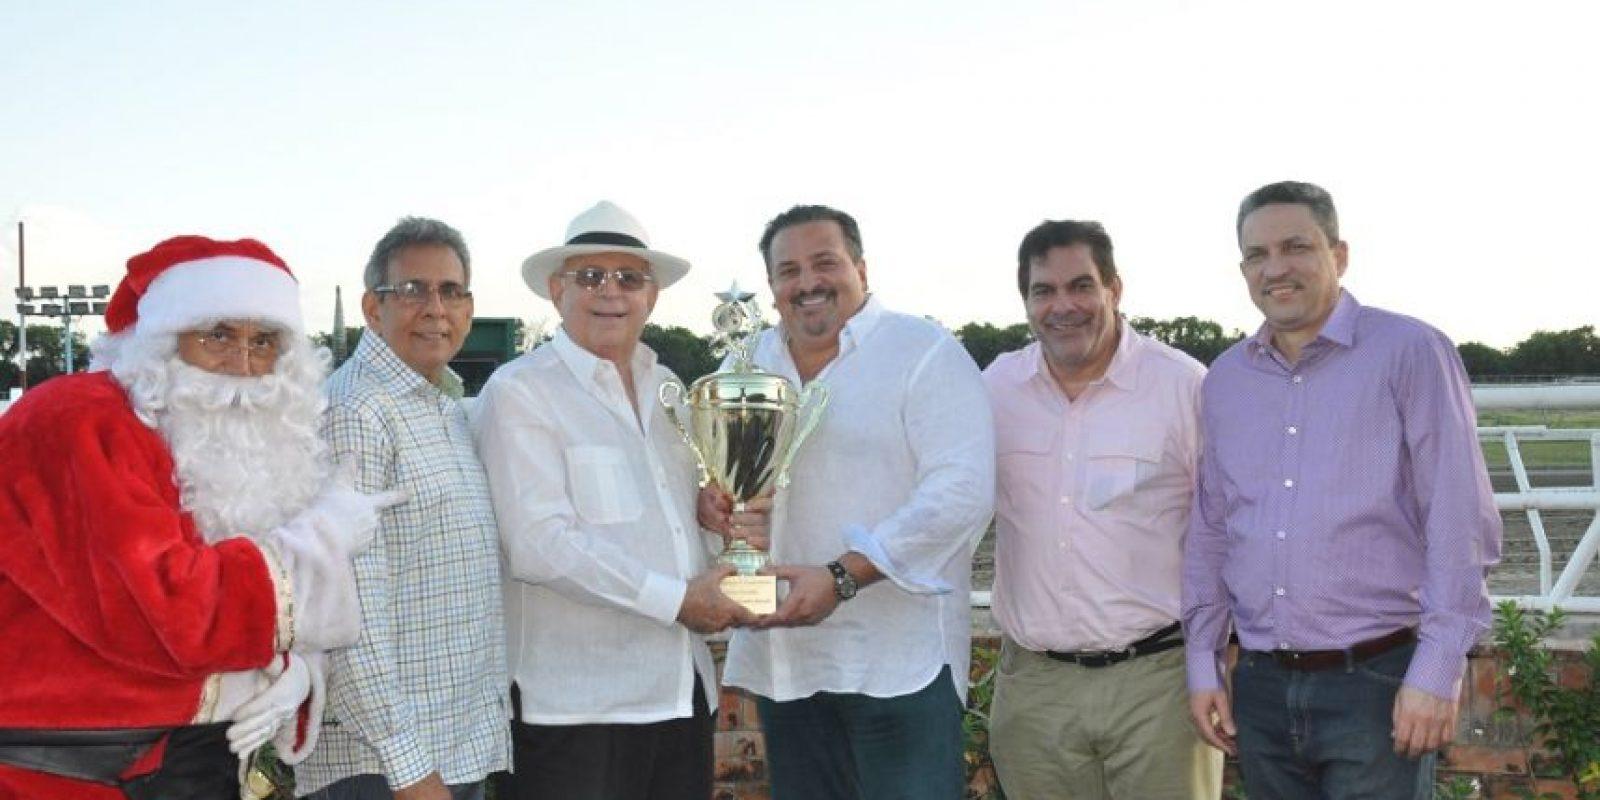 El doctor Angel Contreras hijo recibe de manos de Manfred Codik el trofeo correspondiente al campeón del Clásico Navidad 2015. Le acompaña el diputado Ricardo Contreras, entre otros. Foto:Fuente Externa